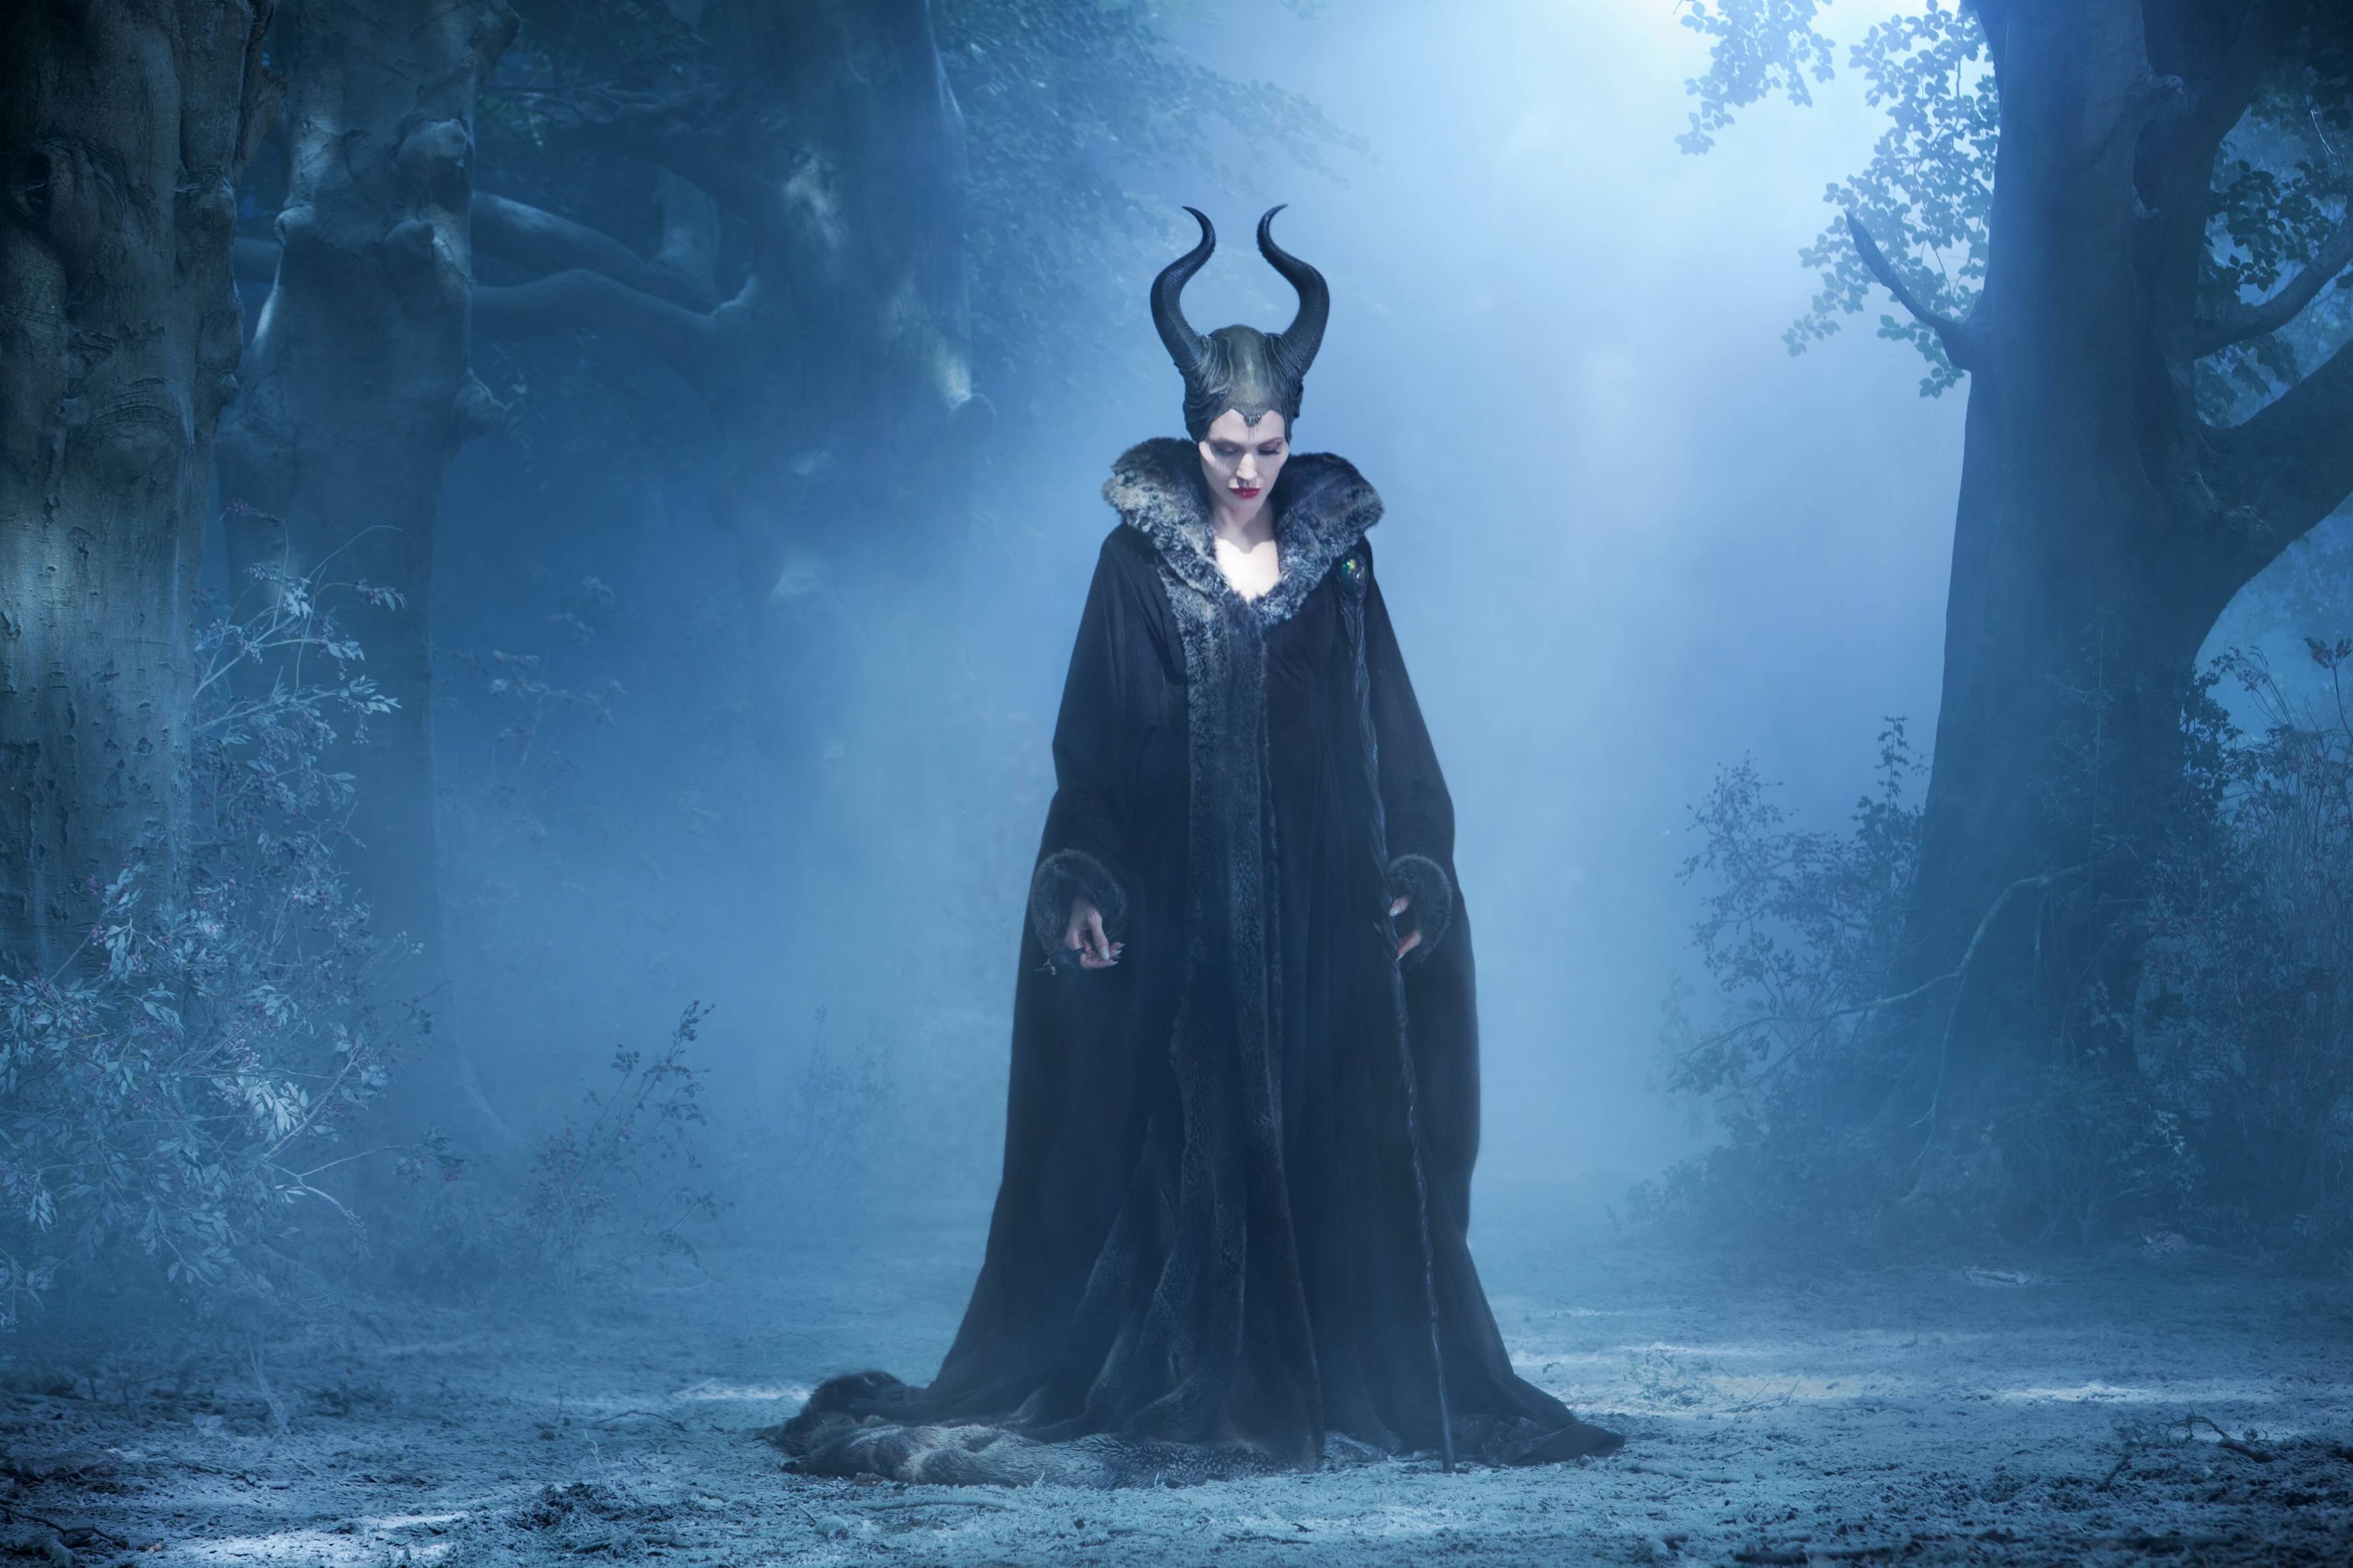 16 New Stills from Disney's 'Maleficent' – We Geek Girls